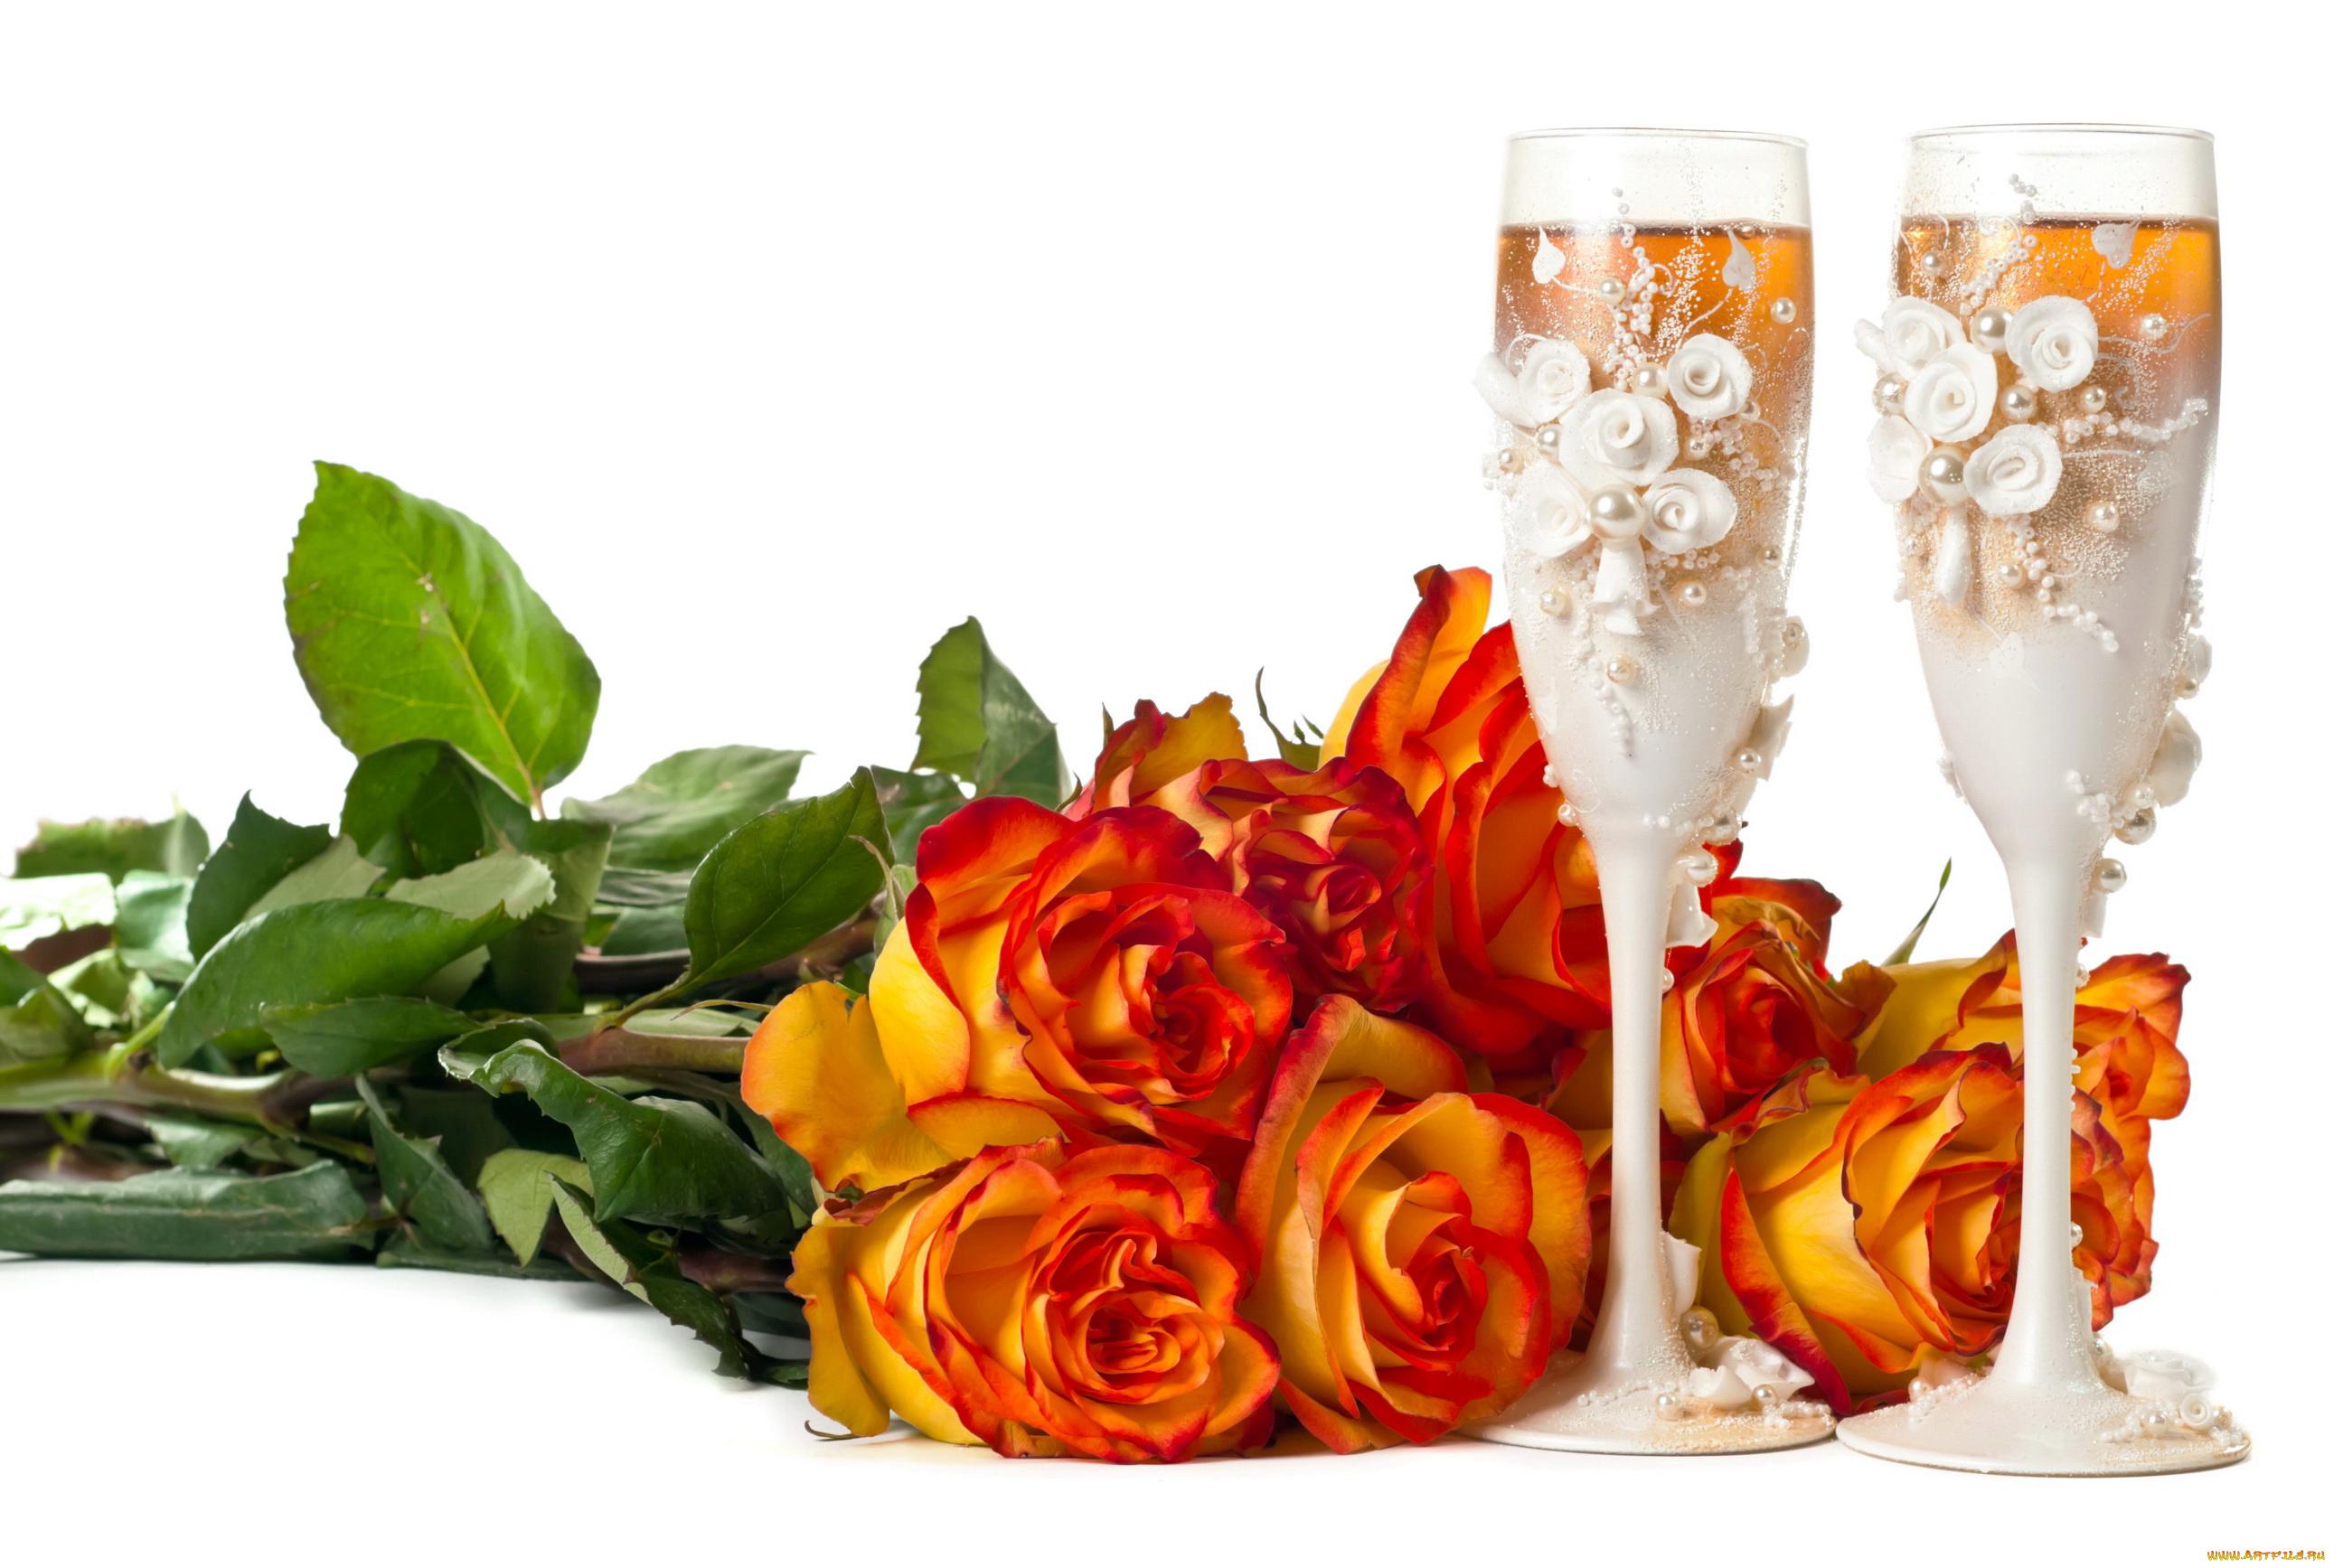 Плейскат открытка с днем свадьбы, картинки новому году